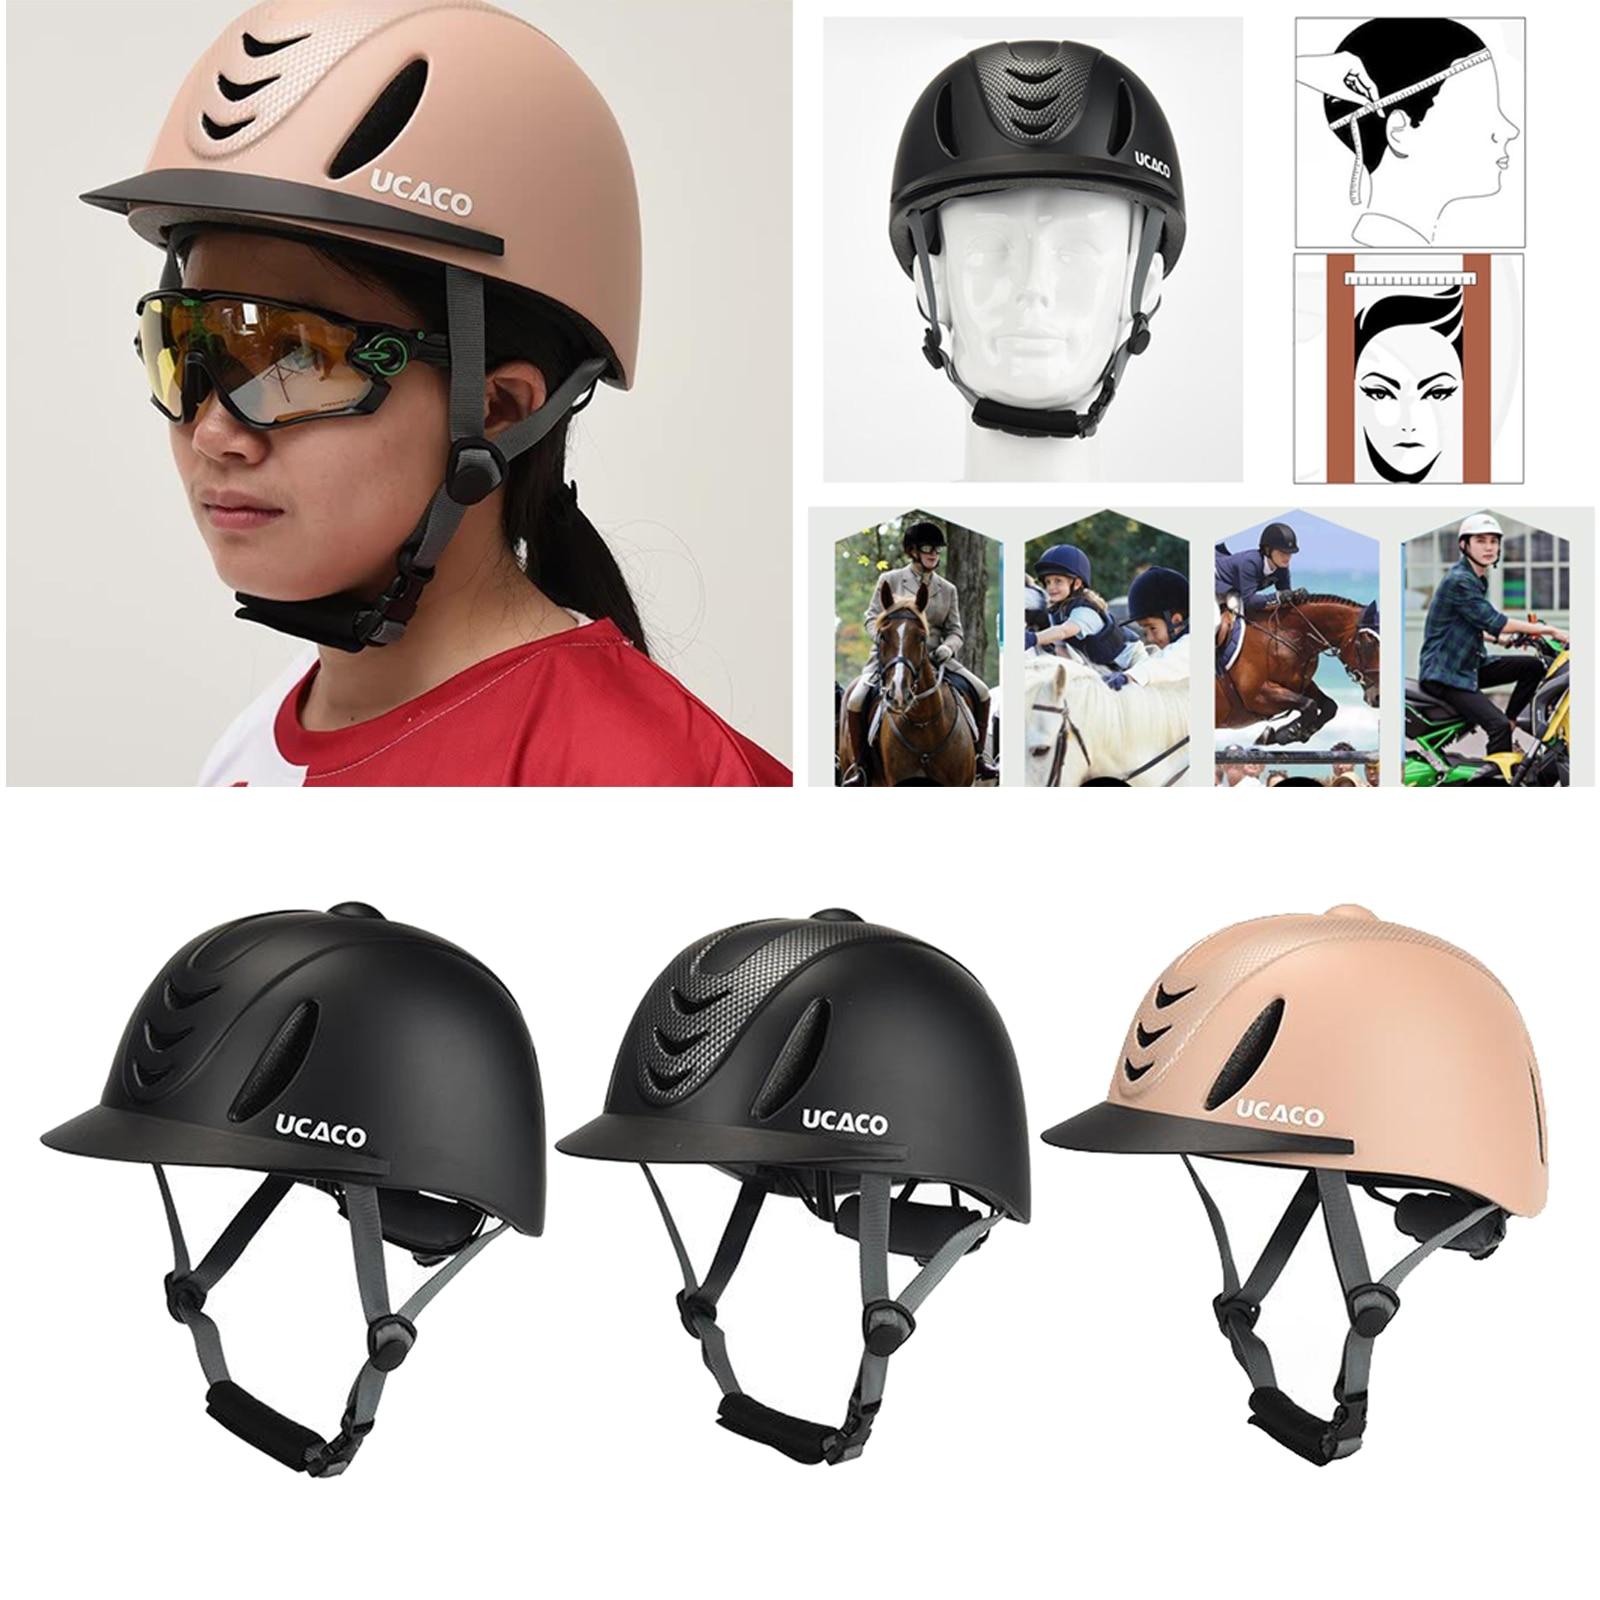 Adjustable Equestrian Helmet 55-61cm Horse Riding Helmet Men Women Riding Cap Breathable Equestrian Body Protectors